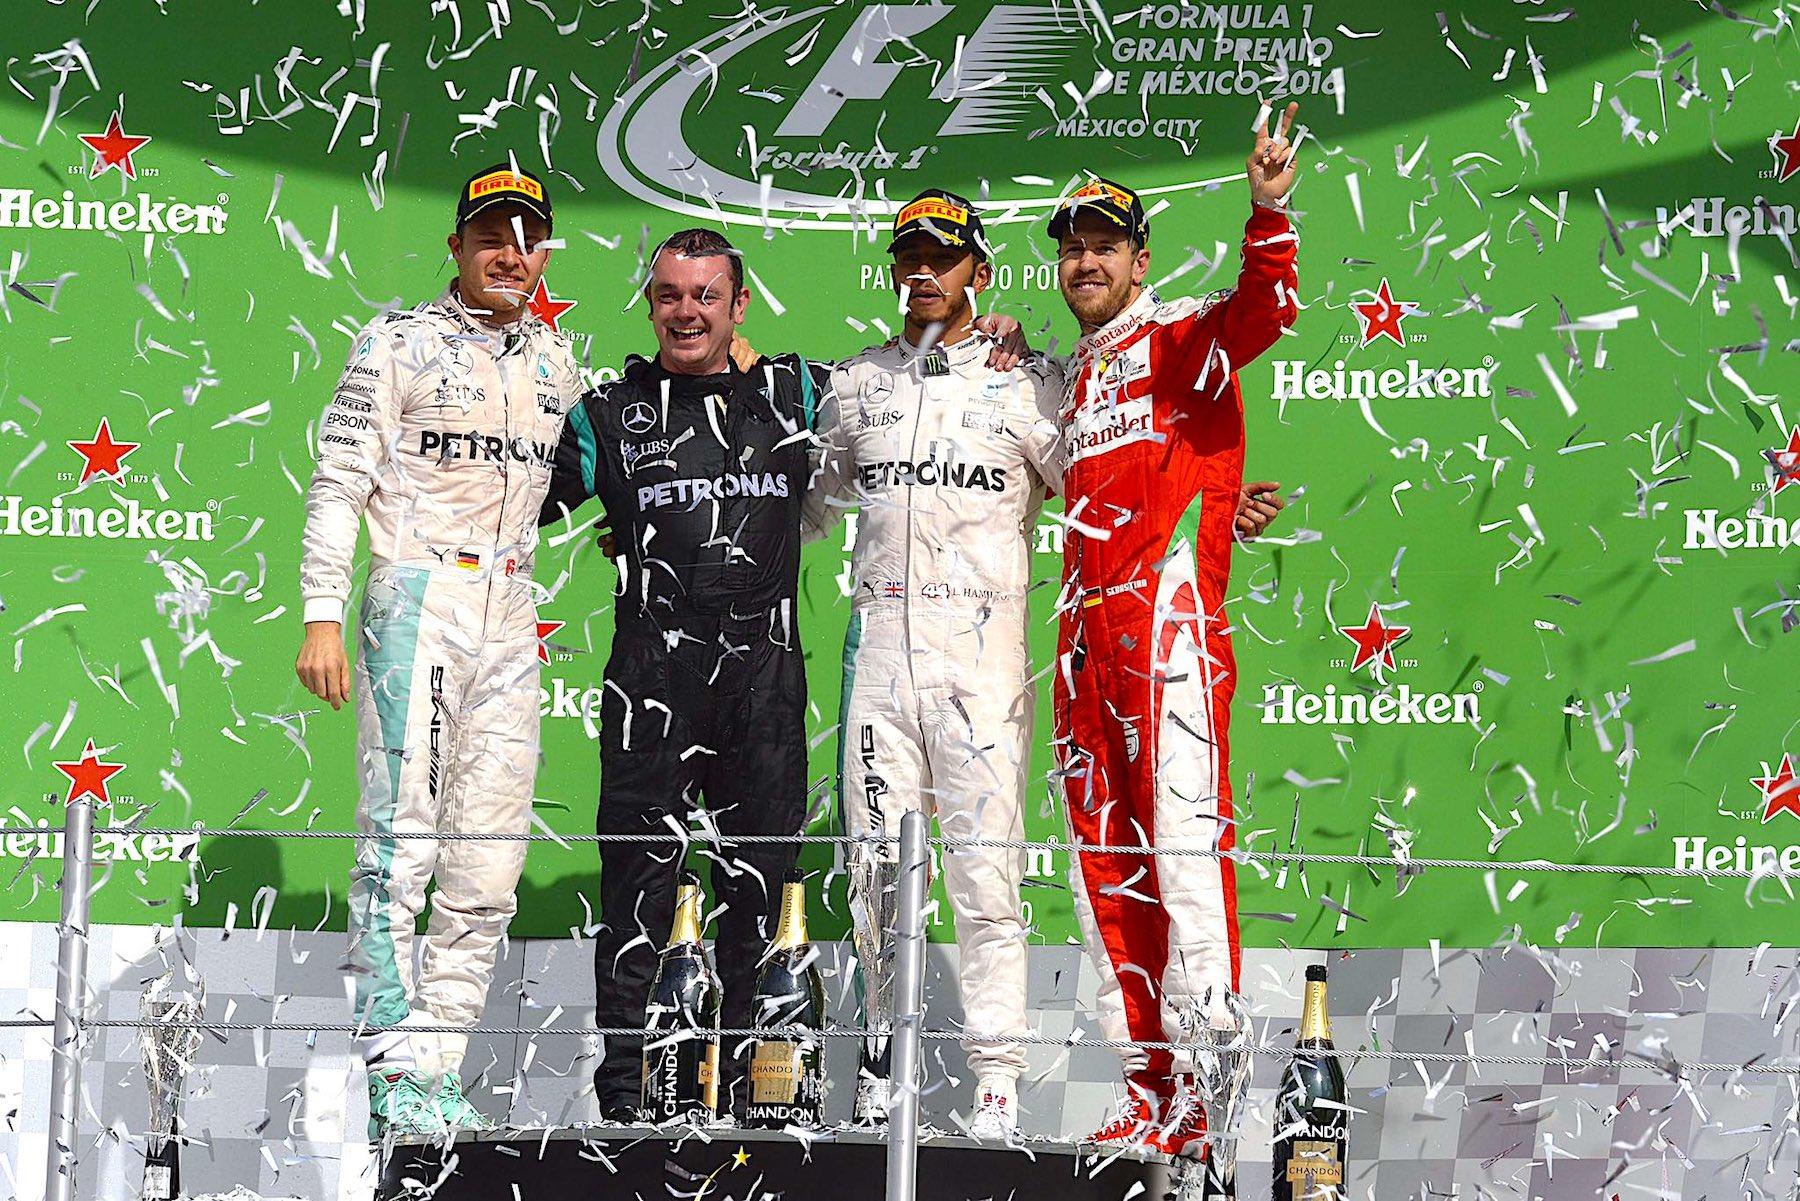 Salracing - Mexican Grand Prix podium